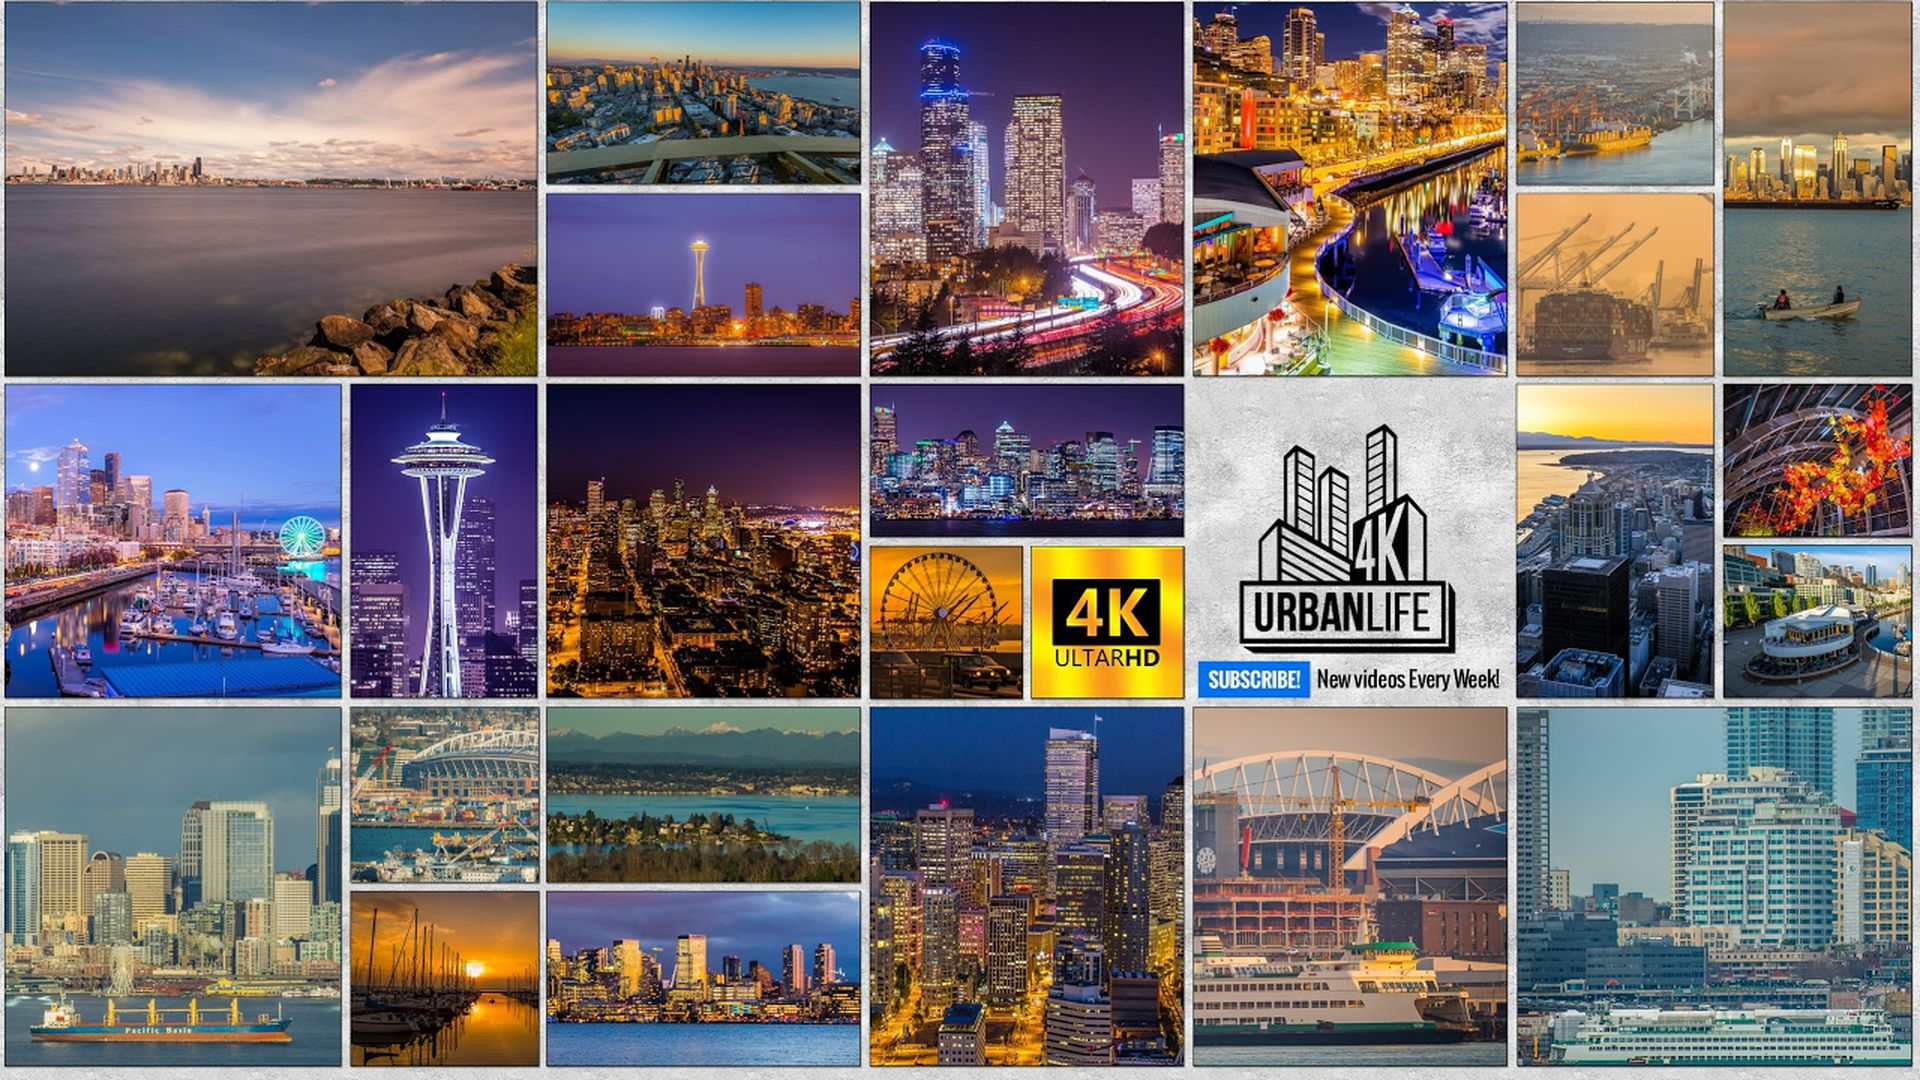 La cuenta de YouTube 4K Urban Life ofrece caminatas filmadas por diversas ciudades del mundo